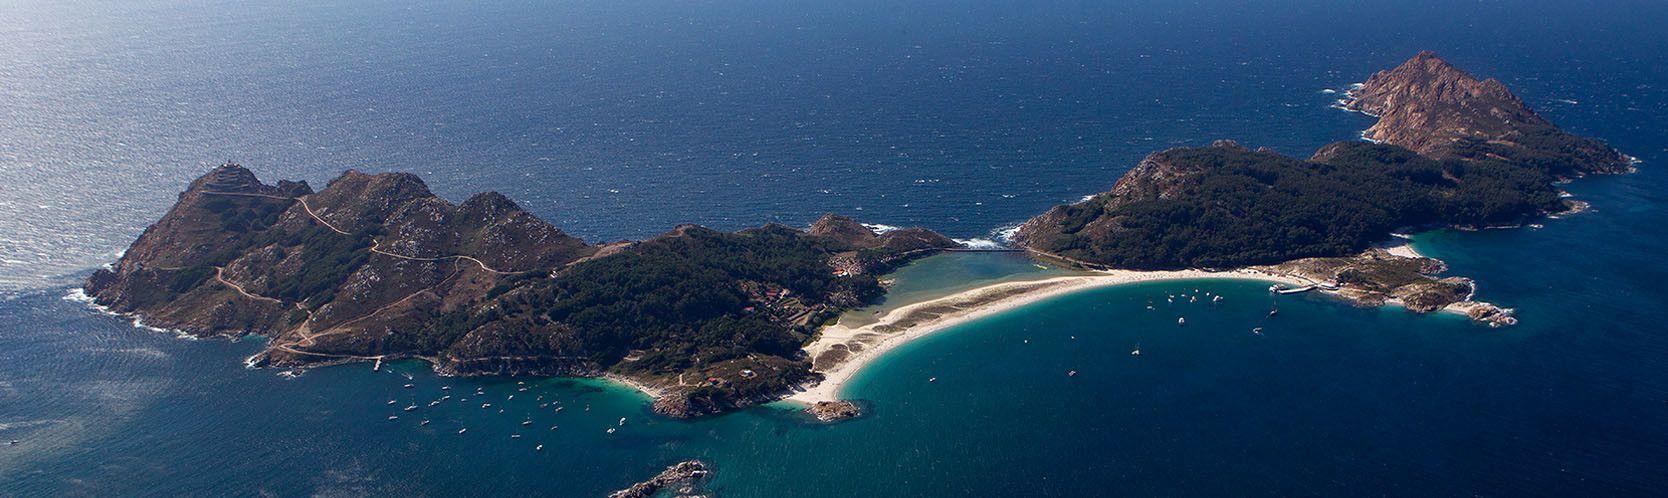 Qué ver en la costa de Pontevedra. Cíes